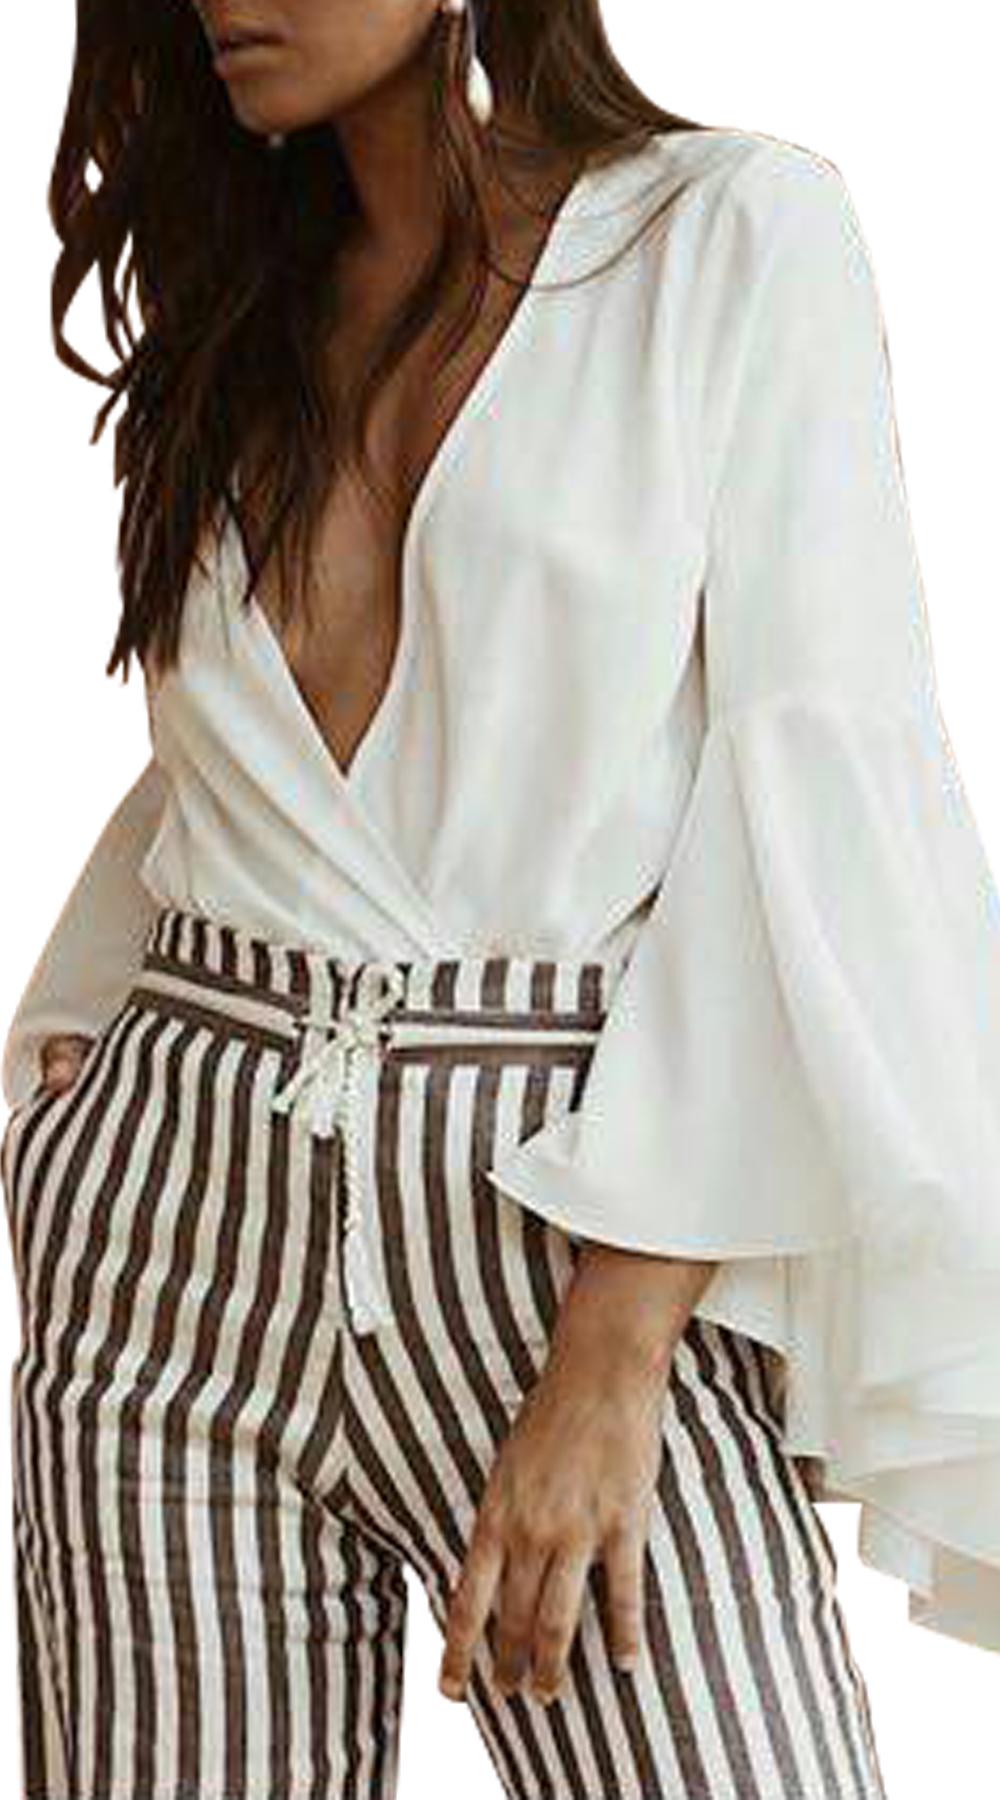 Γυναικείο κορμάκι σε κρουαζέ γραμμή με ντραπέ μανίκια - OEM - SP18SOF-192001233 μπλούζες   t shirts elegant tops